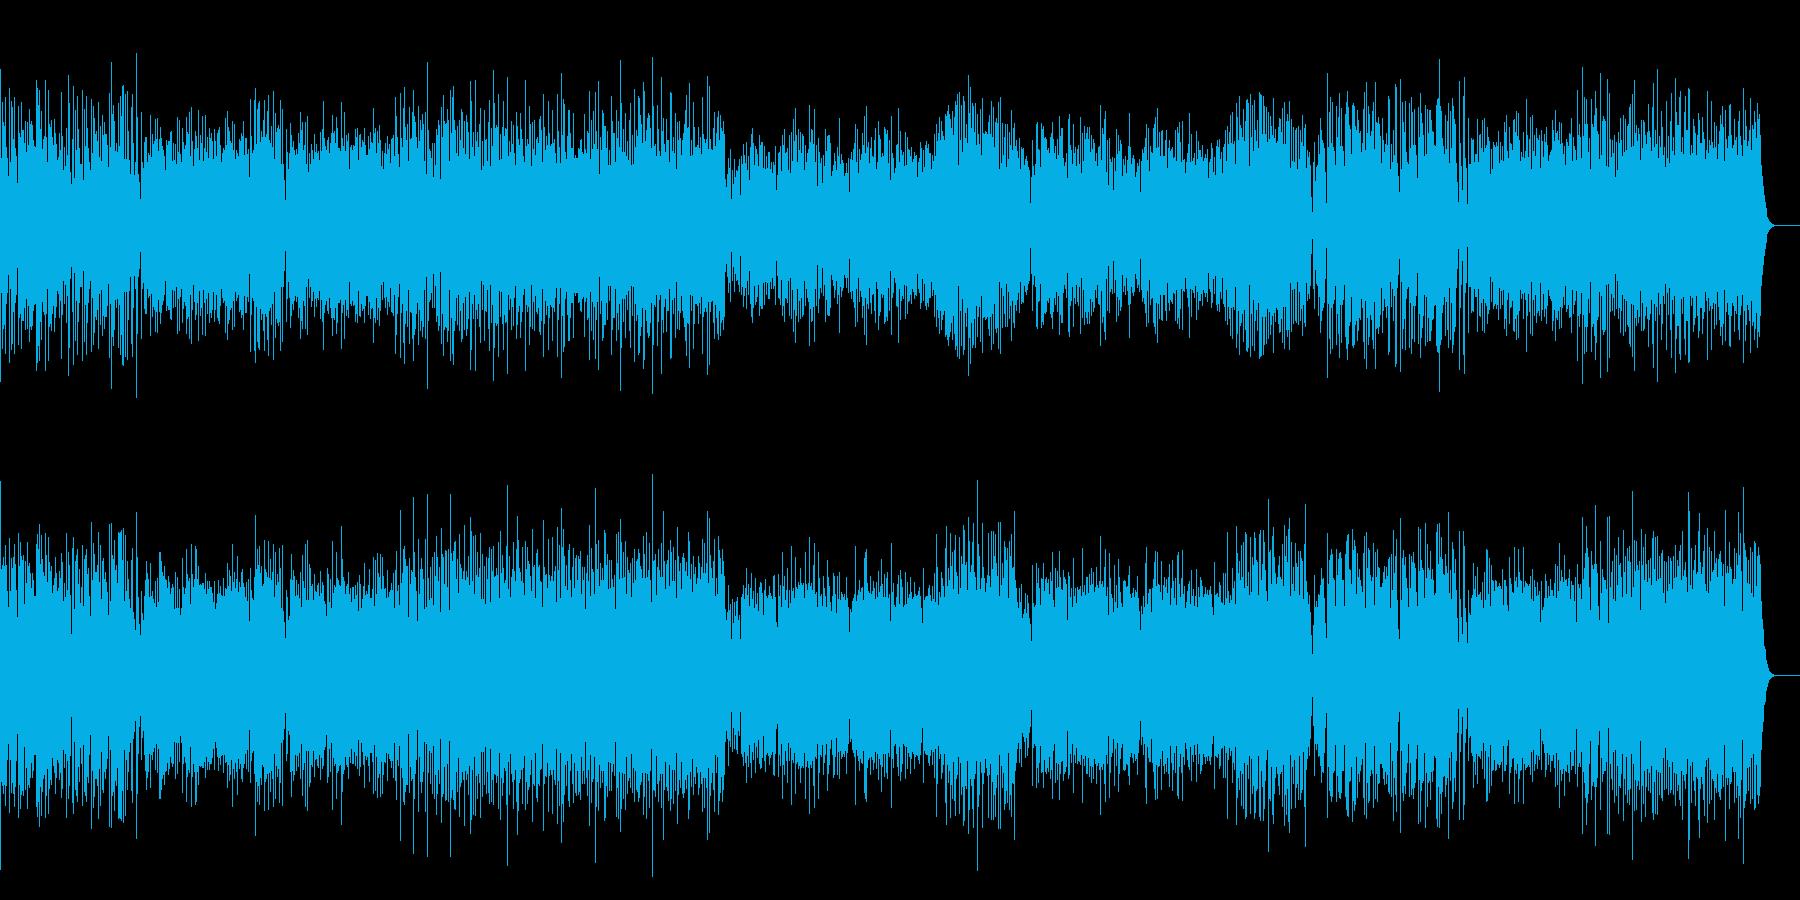 行進曲「双頭の鷲の旗の下に」の再生済みの波形